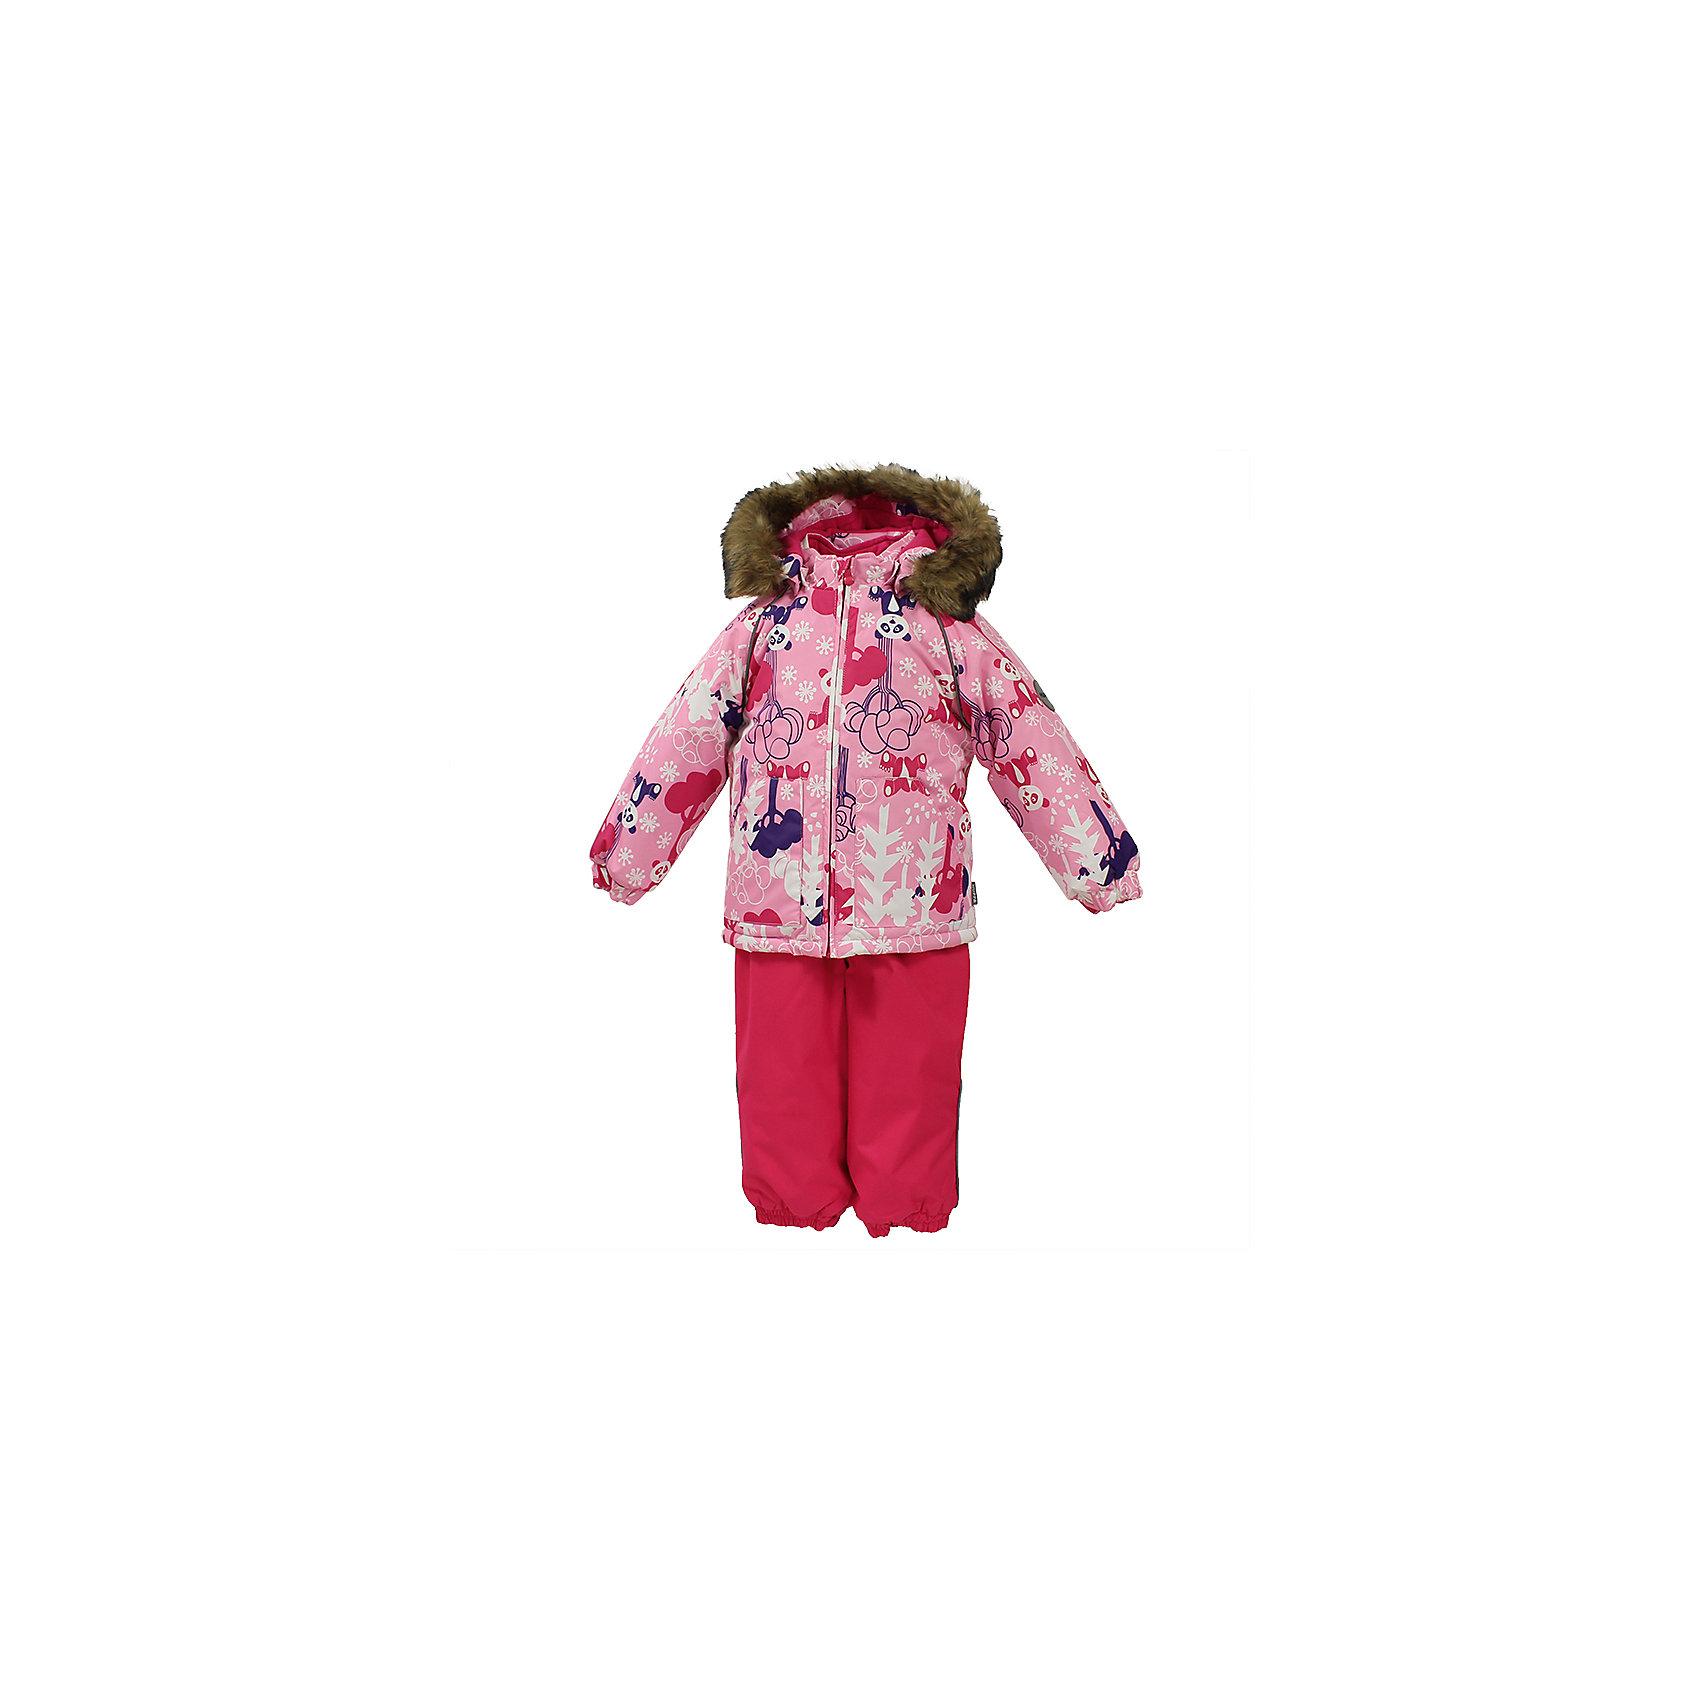 Комплект: куртка и брюки AVERY HuppaВерхняя одежда<br>Комплект для малышей  AVERY.Водо и воздухонепроницаемость 5 000 куртка / 10 000 брюки. Утеплитель 300 гр куртка/160 гр брюки. Подкладка фланель 100% хлопок.Отстегивающийся капюшон с мехом.Манжеты рукавов на резинке. Манжеты брюк на резинке.Добавлены петли для ступней.Резиновые подтяжки.Имеются светоотражательные элементы.<br>Состав:<br>100% Полиэстер<br><br>Ширина мм: 356<br>Глубина мм: 10<br>Высота мм: 245<br>Вес г: 519<br>Цвет: розовый<br>Возраст от месяцев: 36<br>Возраст до месяцев: 48<br>Пол: Унисекс<br>Возраст: Детский<br>Размер: 104,80,86,92,98<br>SKU: 7027012